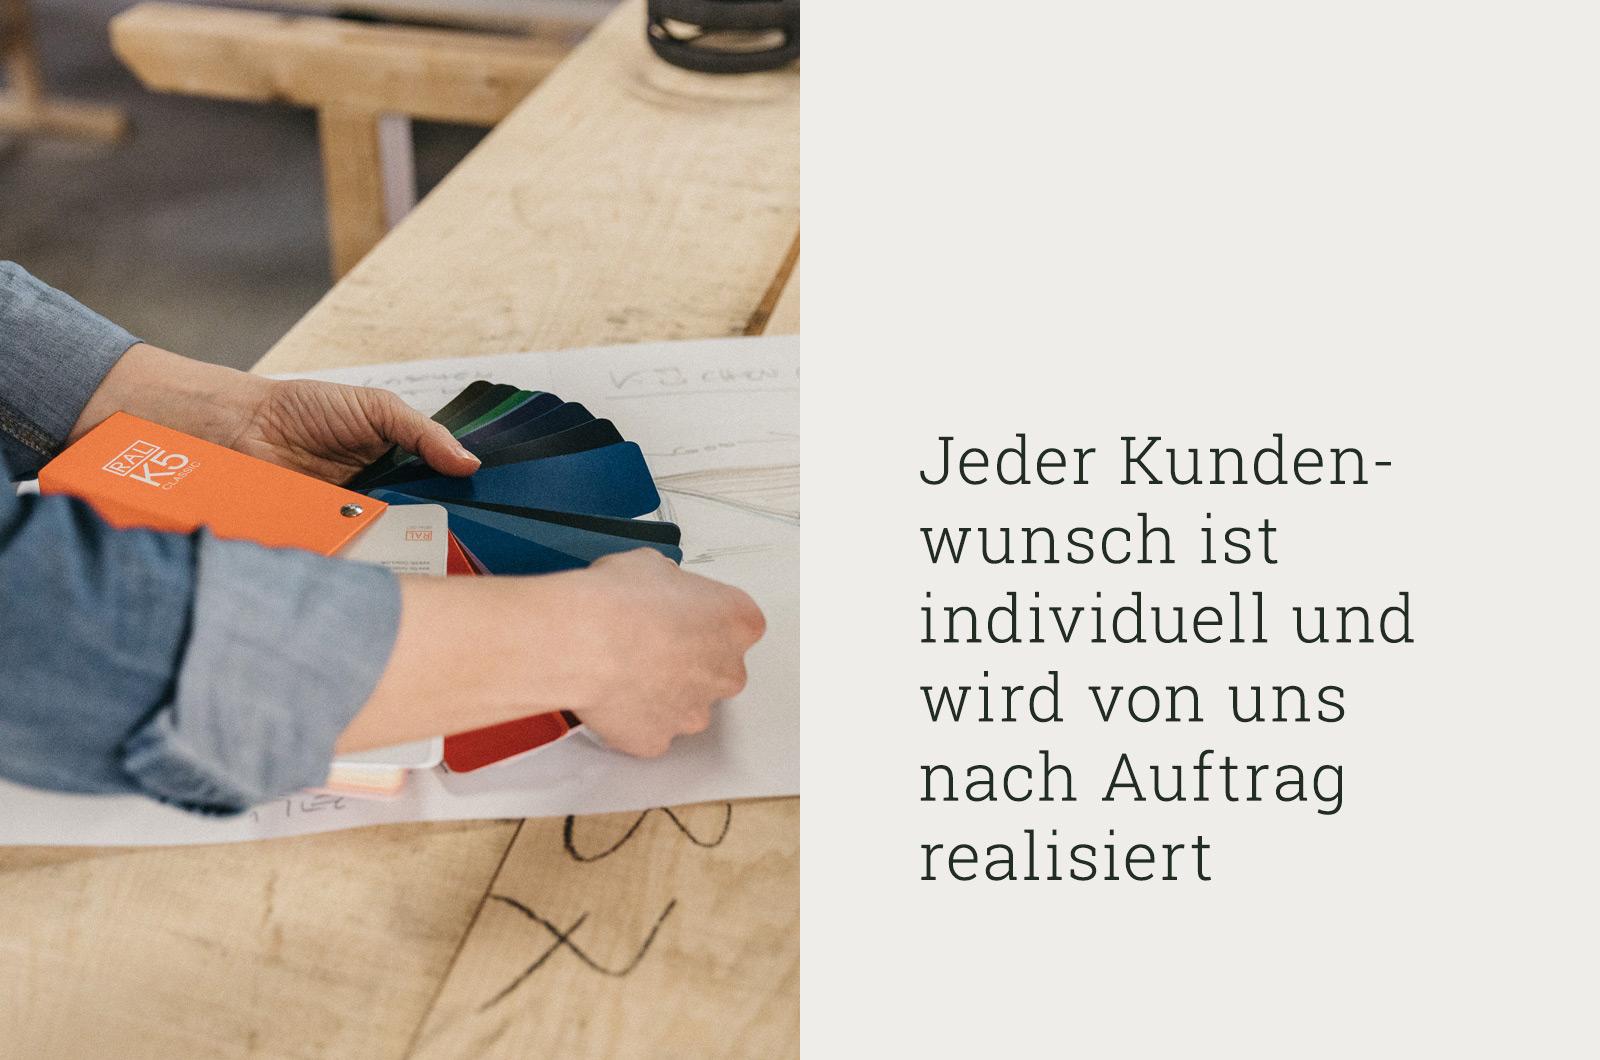 Kuechenkind-slider-ueber-uns-Kundenwunsch.jpg